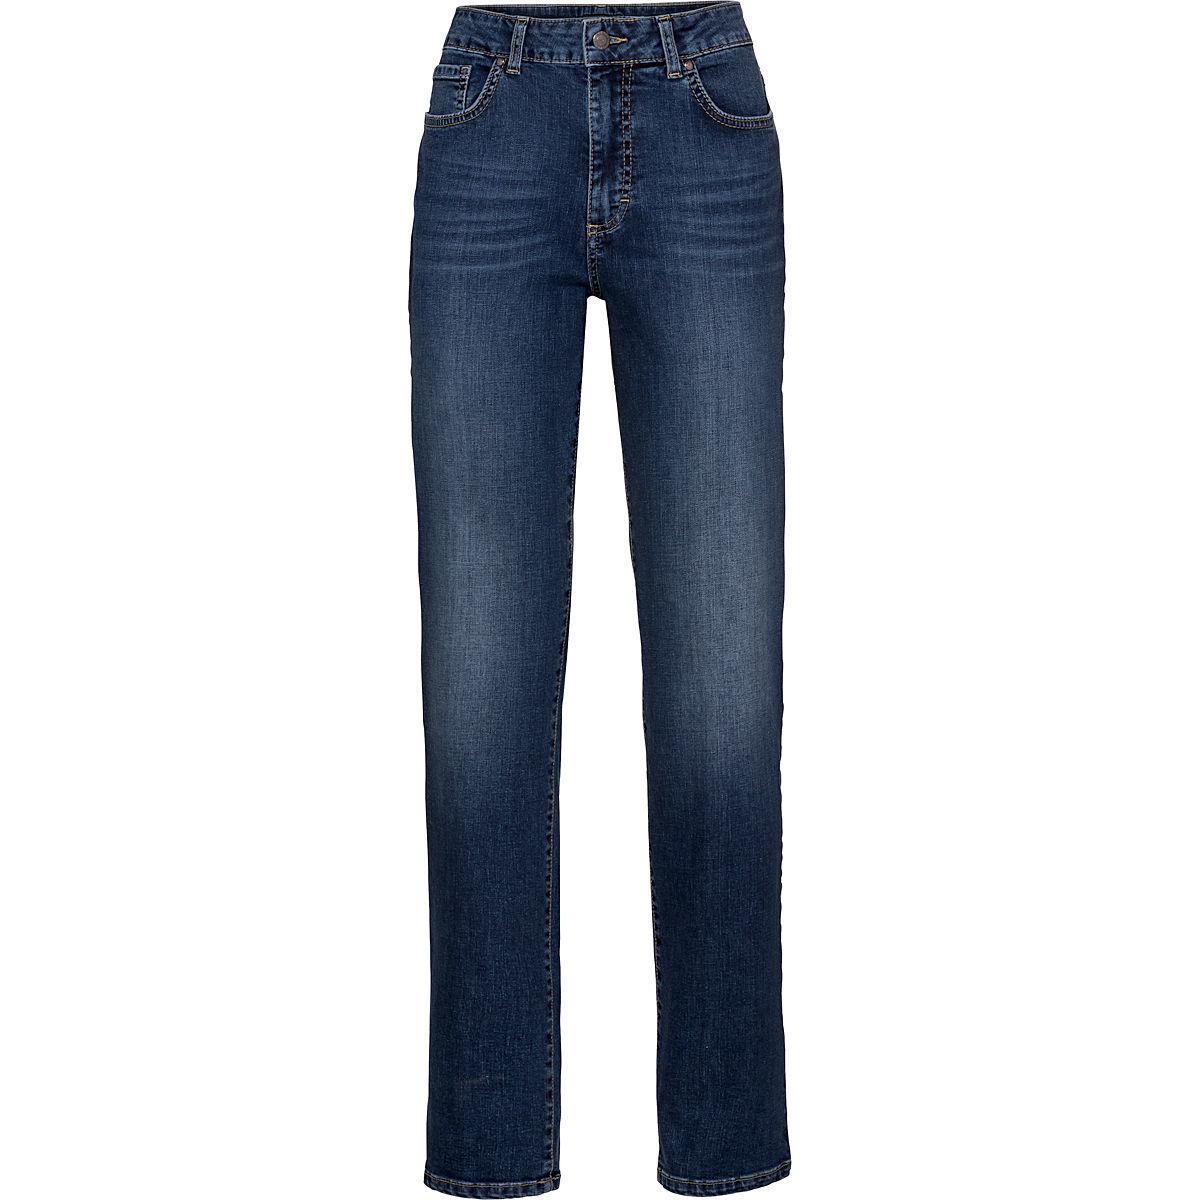 Bild 1 von Adagio Damen Jeans Hella